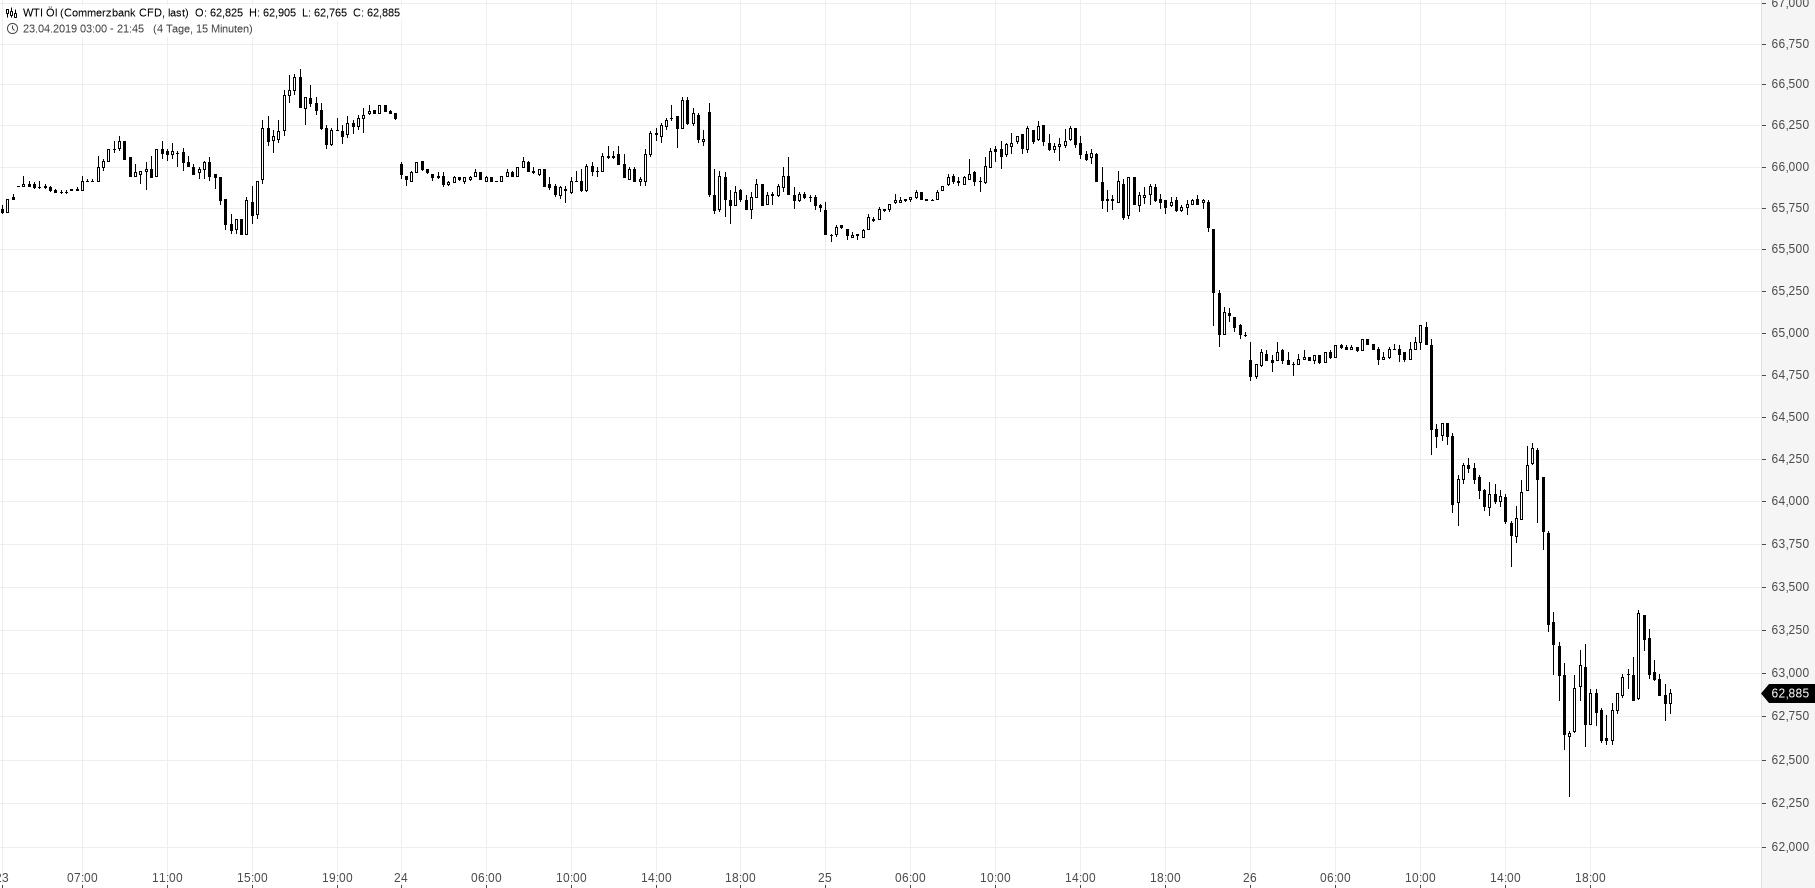 US-Indizes-Amerikanische-Wirtschaft-bärenstark-neuer-Rekord-beim-S-P-500-Chartanalyse-Simon-Hauser-GodmodeTrader.de-2